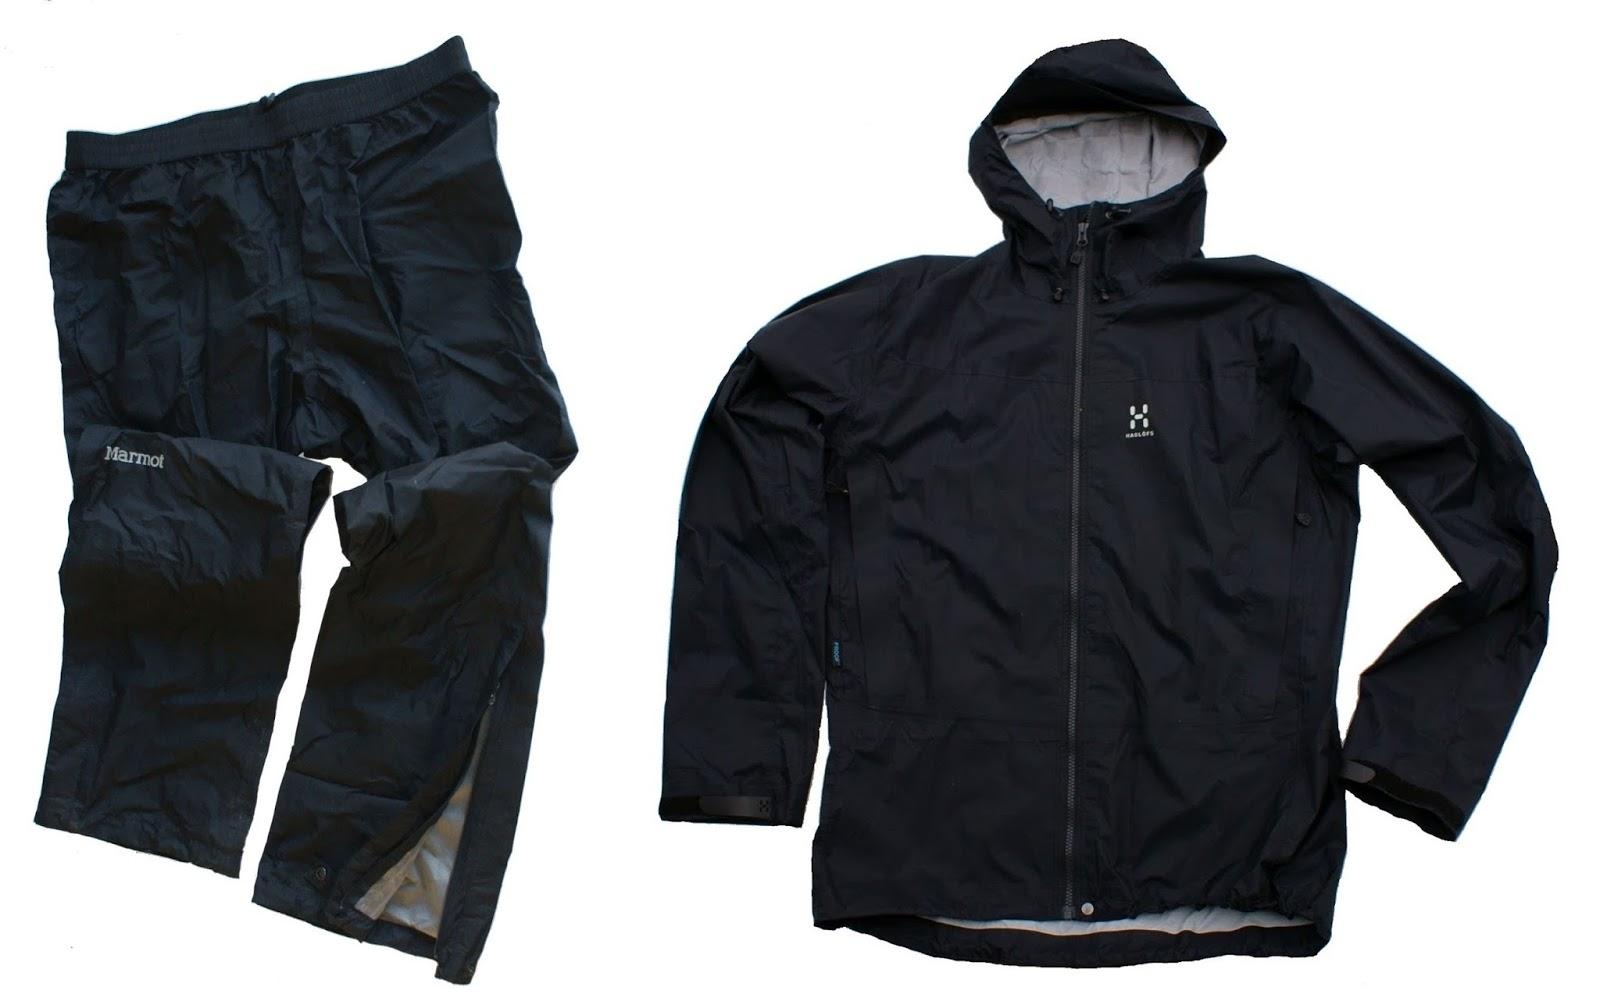 Skalkläder för vandring när det blir hårt väder. Läs mer!